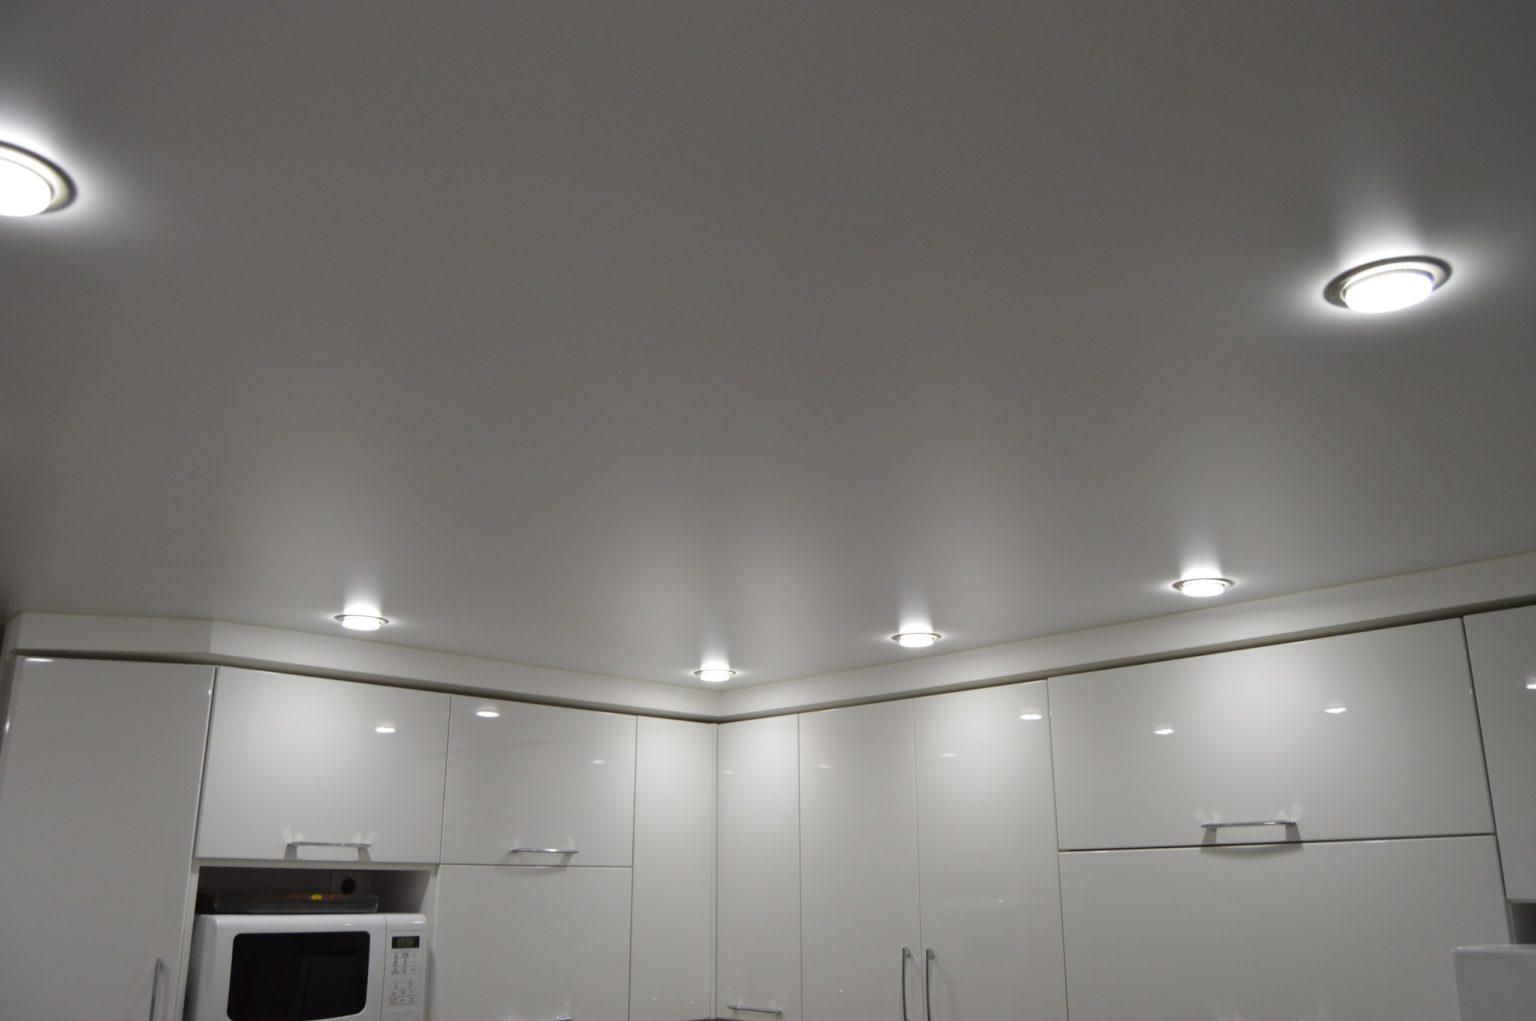 натяжной потолок с матово поверхностью